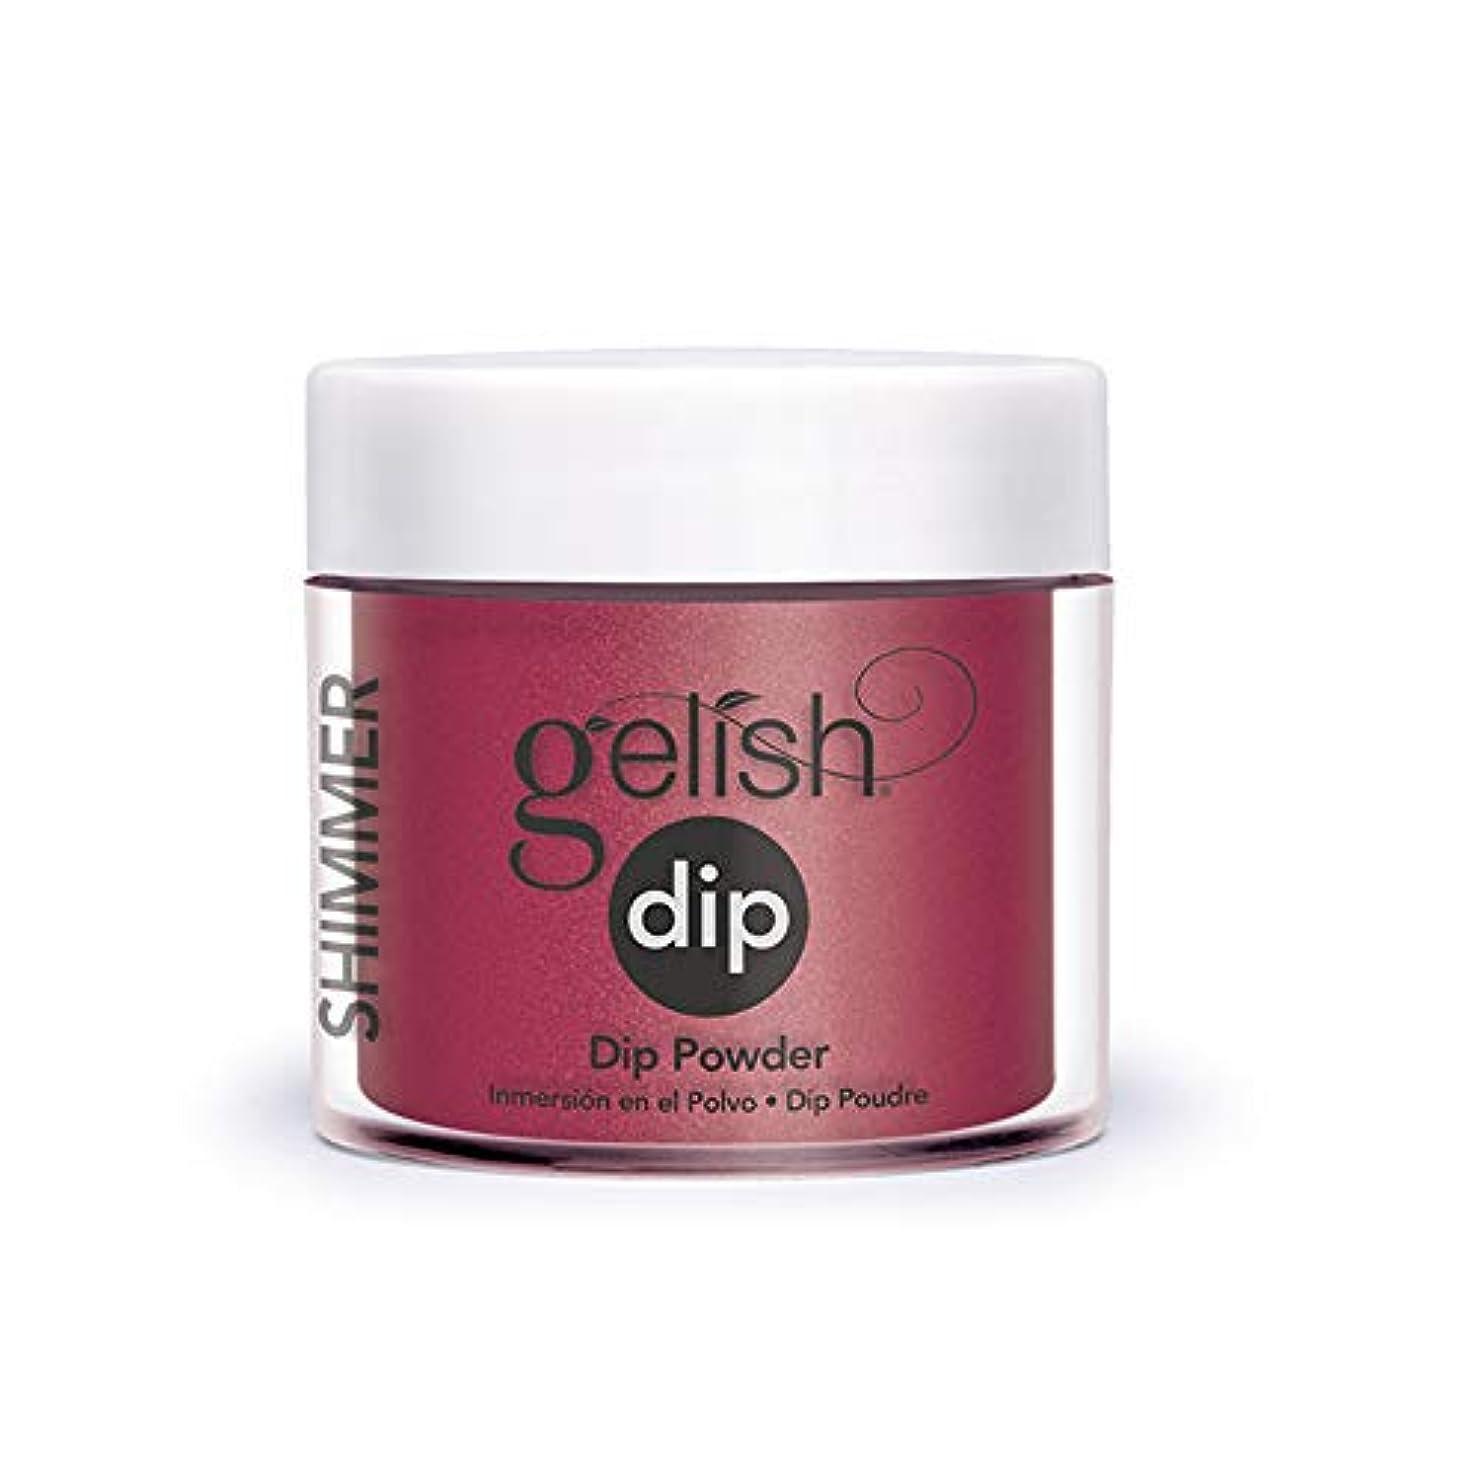 検索エンジン最適化乳白世界に死んだHarmony Gelish - Acrylic Dip Powder - Wonder Woman - 23g / 0.8oz